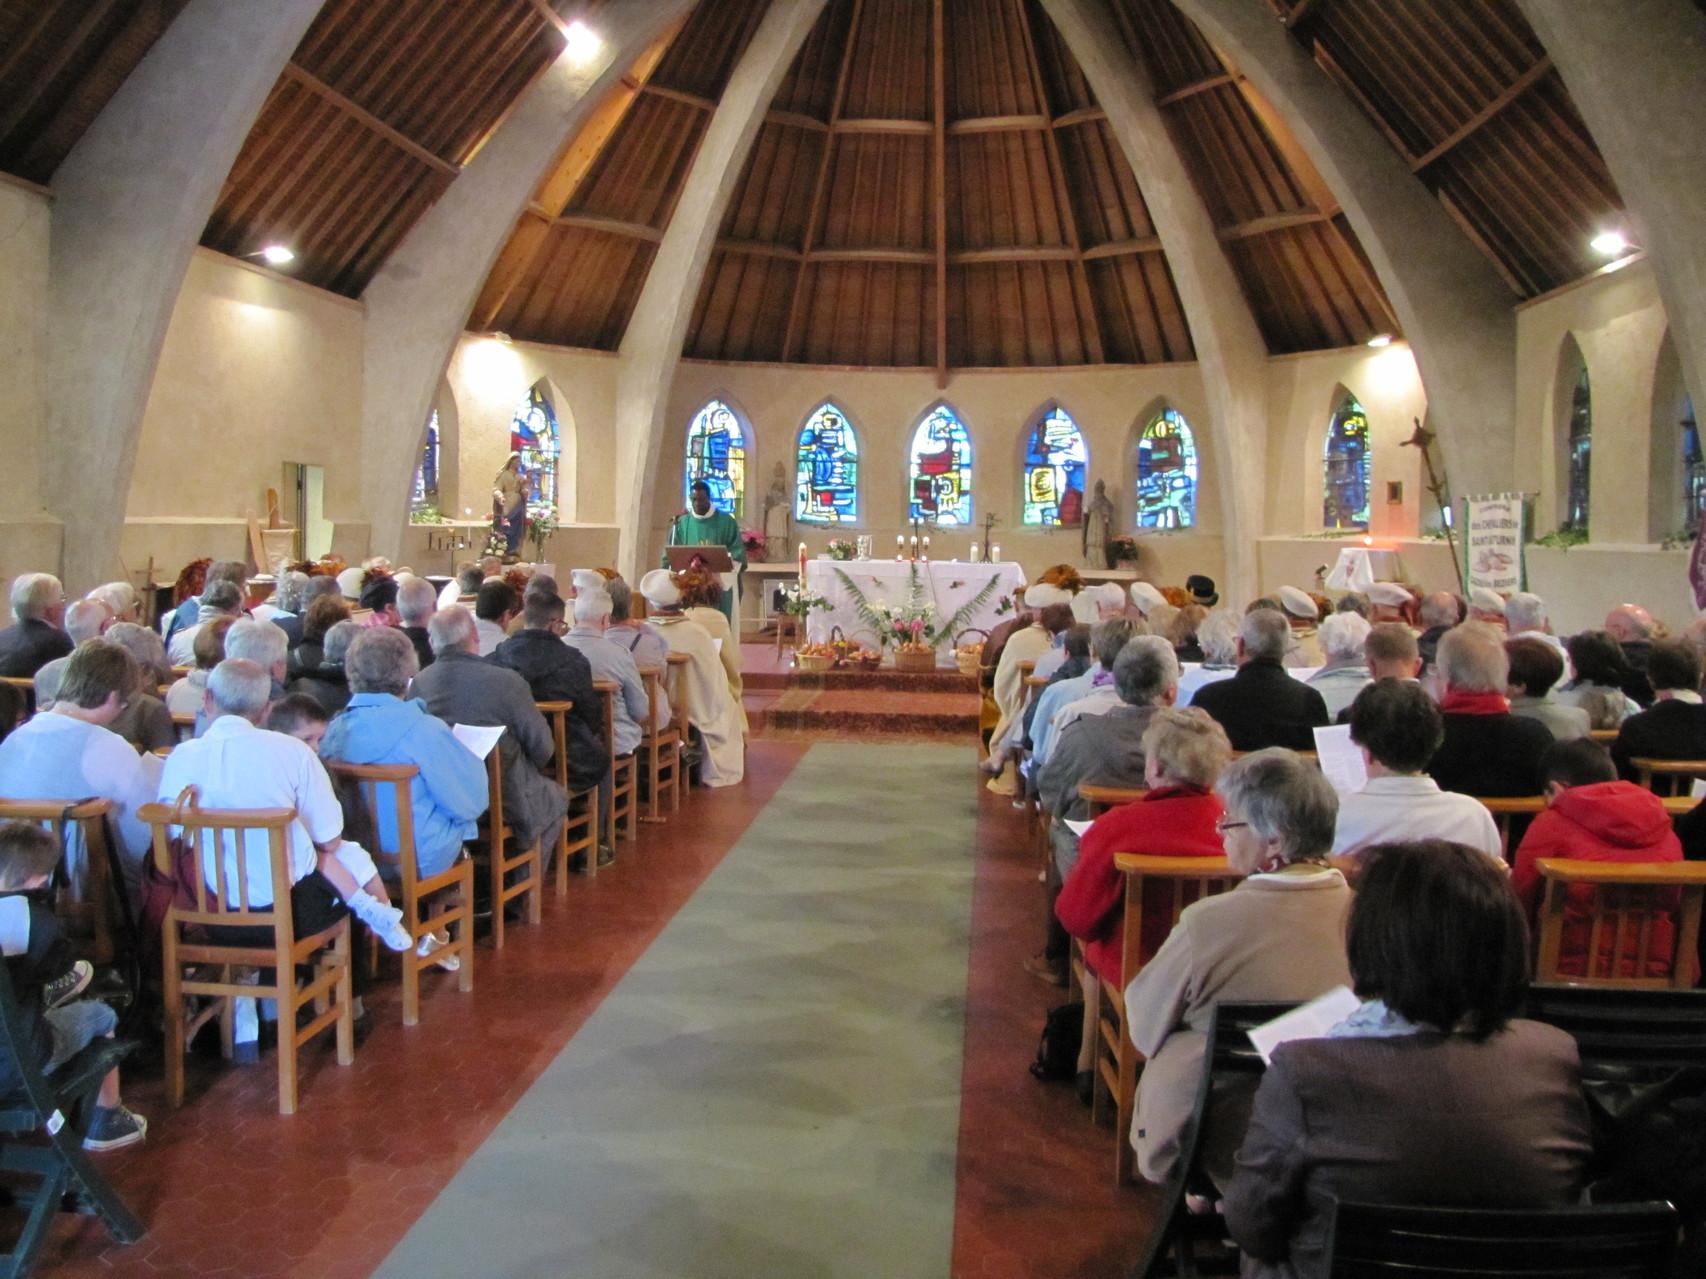 Intérieur de l'Eglise (Fête du pain)2013